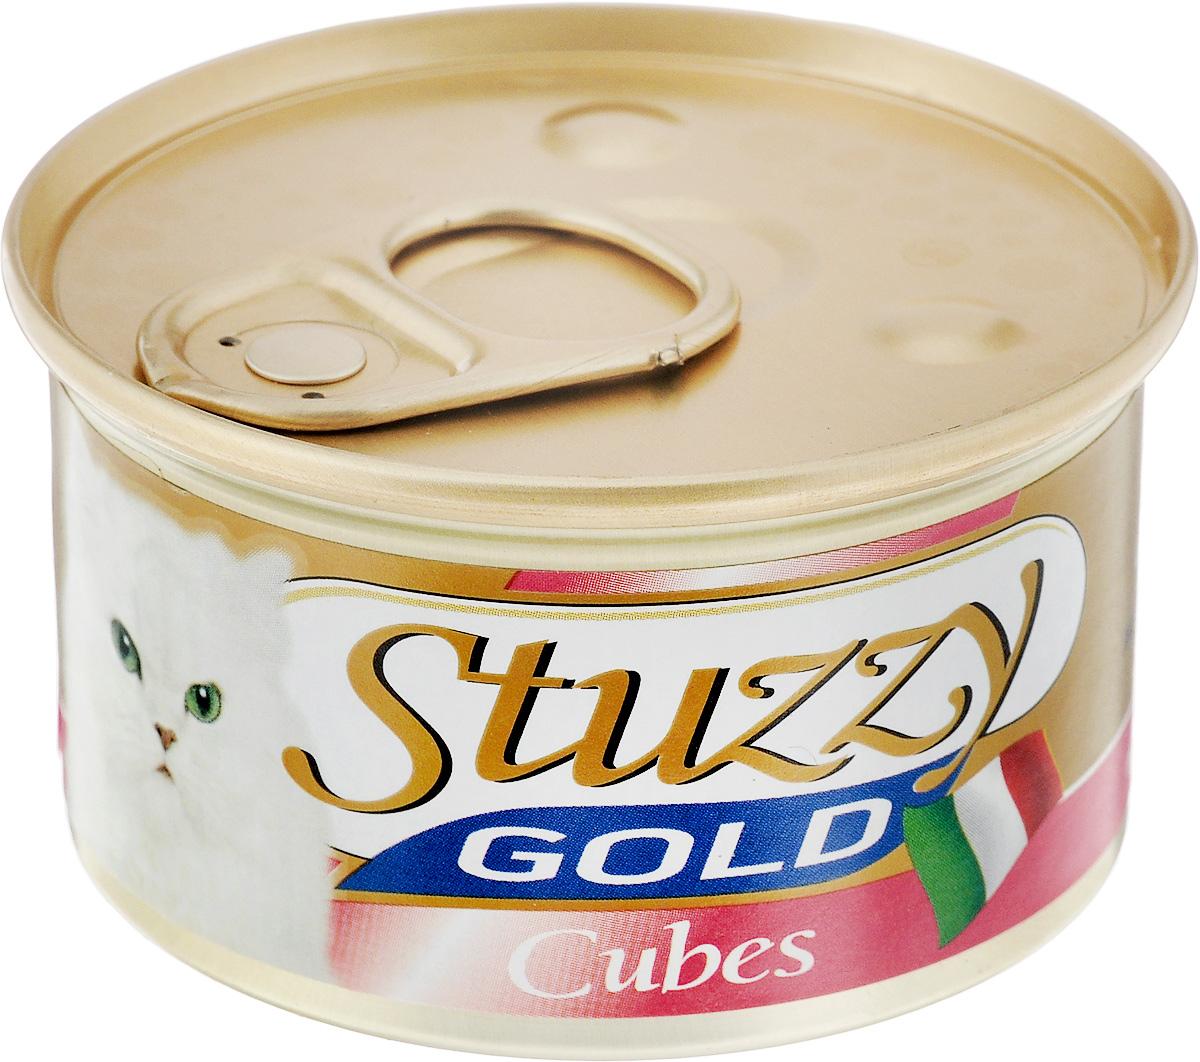 Консервы для взрослых кошек Stuzzy Gold, с курицей, 85 г131.С4201Консервы для кошек Stuzzy Gold - это дополнительный рацион для взрослых кошек. Корм обогащен таурином и витамином Е для поддержания правильной работы сердца и иммунной системы. Инулин обеспечивает всасывание питательных веществ, а биотин способствуют великолепному внешнему виду кожи и шерсти. Корм приготовлен на пару, не содержит красителей и консервантов. Состав: мясо и мясные субпродукты 55% (из них курица 23%).Питательная ценность: белок 9%, жир 5,5%, клетчатка 0,1%, зола 2%, влажность 80%.Питательные добавки (на кг): витамин А 1177 МЕ, витамин D3 700 МЕ, витамин Е 40 мг,таурин 300 мг, железо 63,14 мг, цинк 40,8 мг, медь 2,32 мг, марганец 3,25 мг, селен 0,155 мг, йод 0,76 мг.Товар сертифицирован.